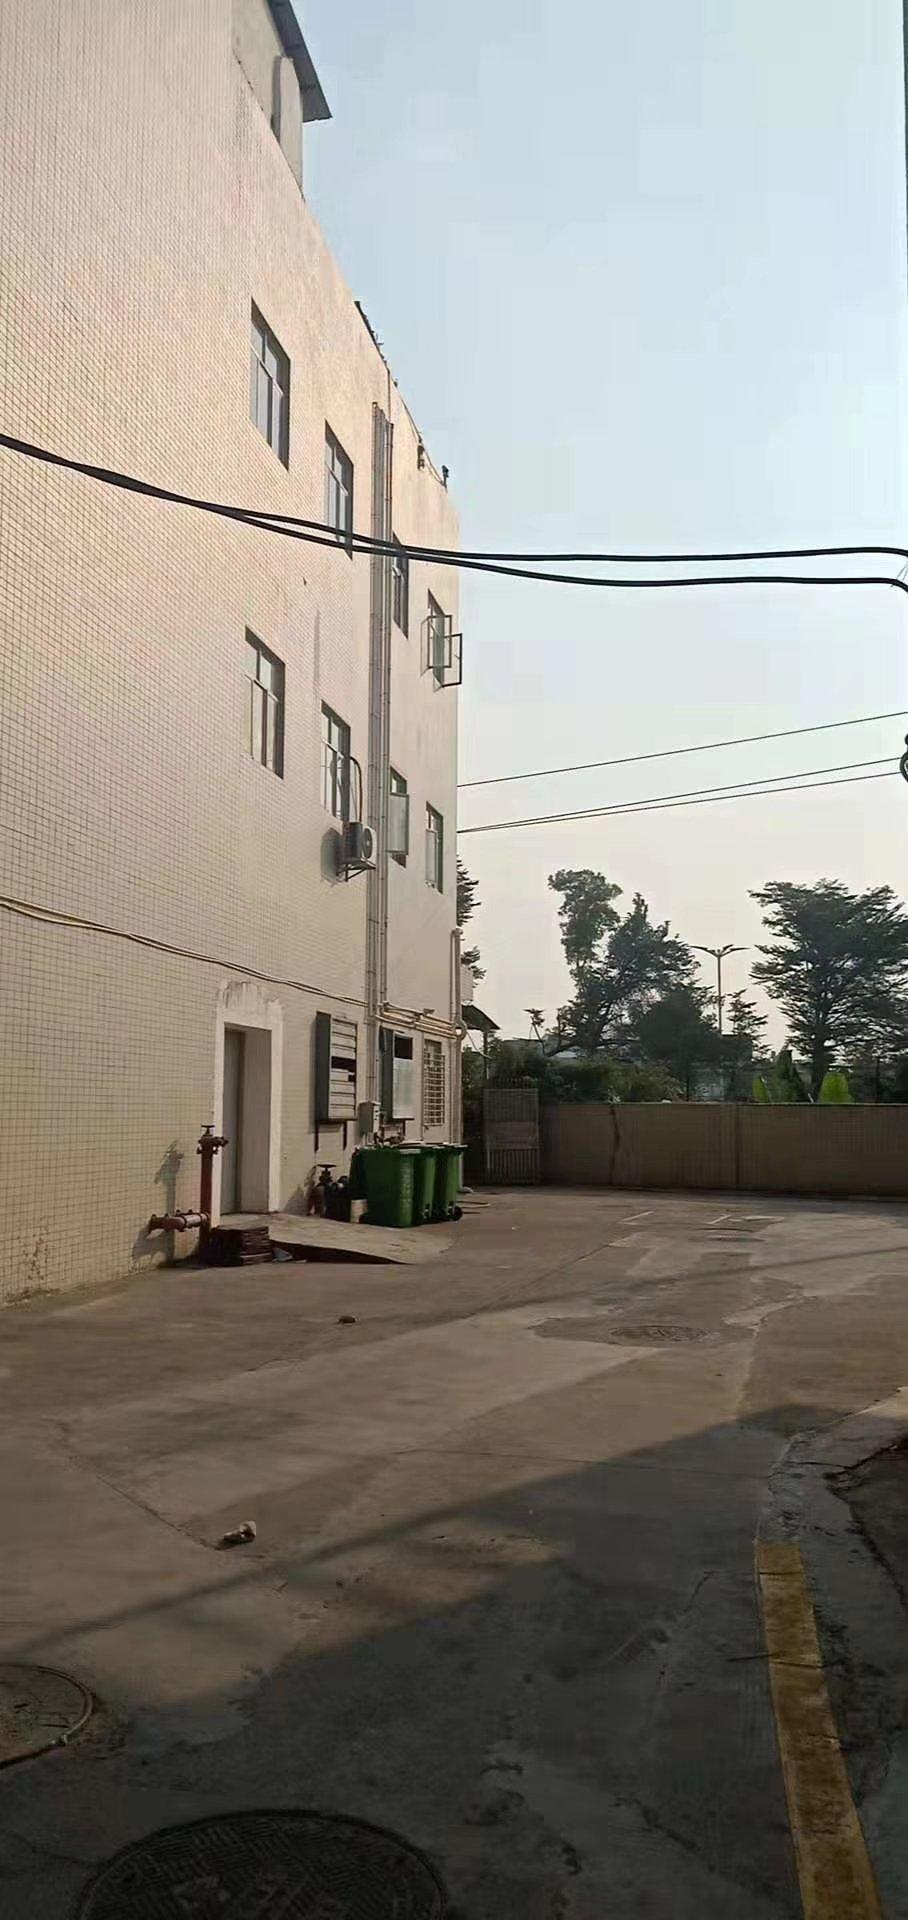 一楼!西乡广深公路附近!可以进大货车!空地很大!配货梯!